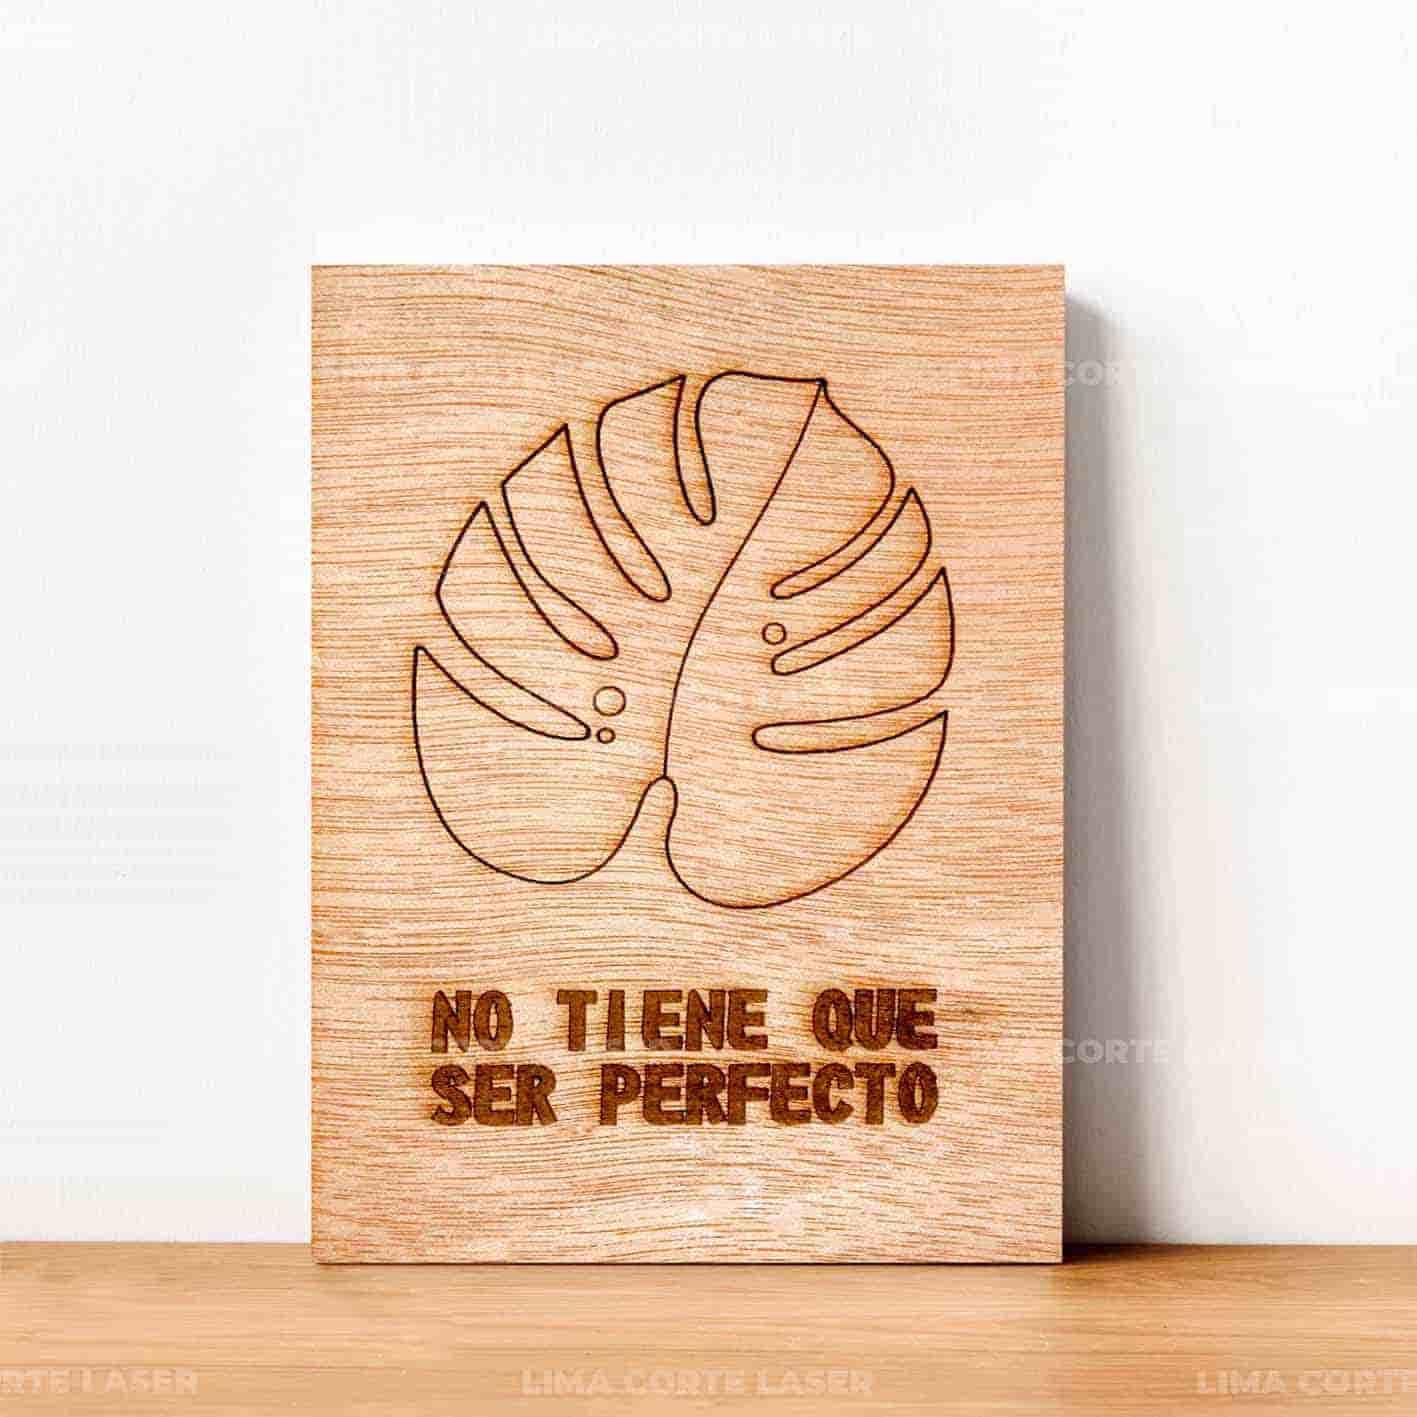 Letrero no tiene que ser perfecto grabado con láser sobre madera